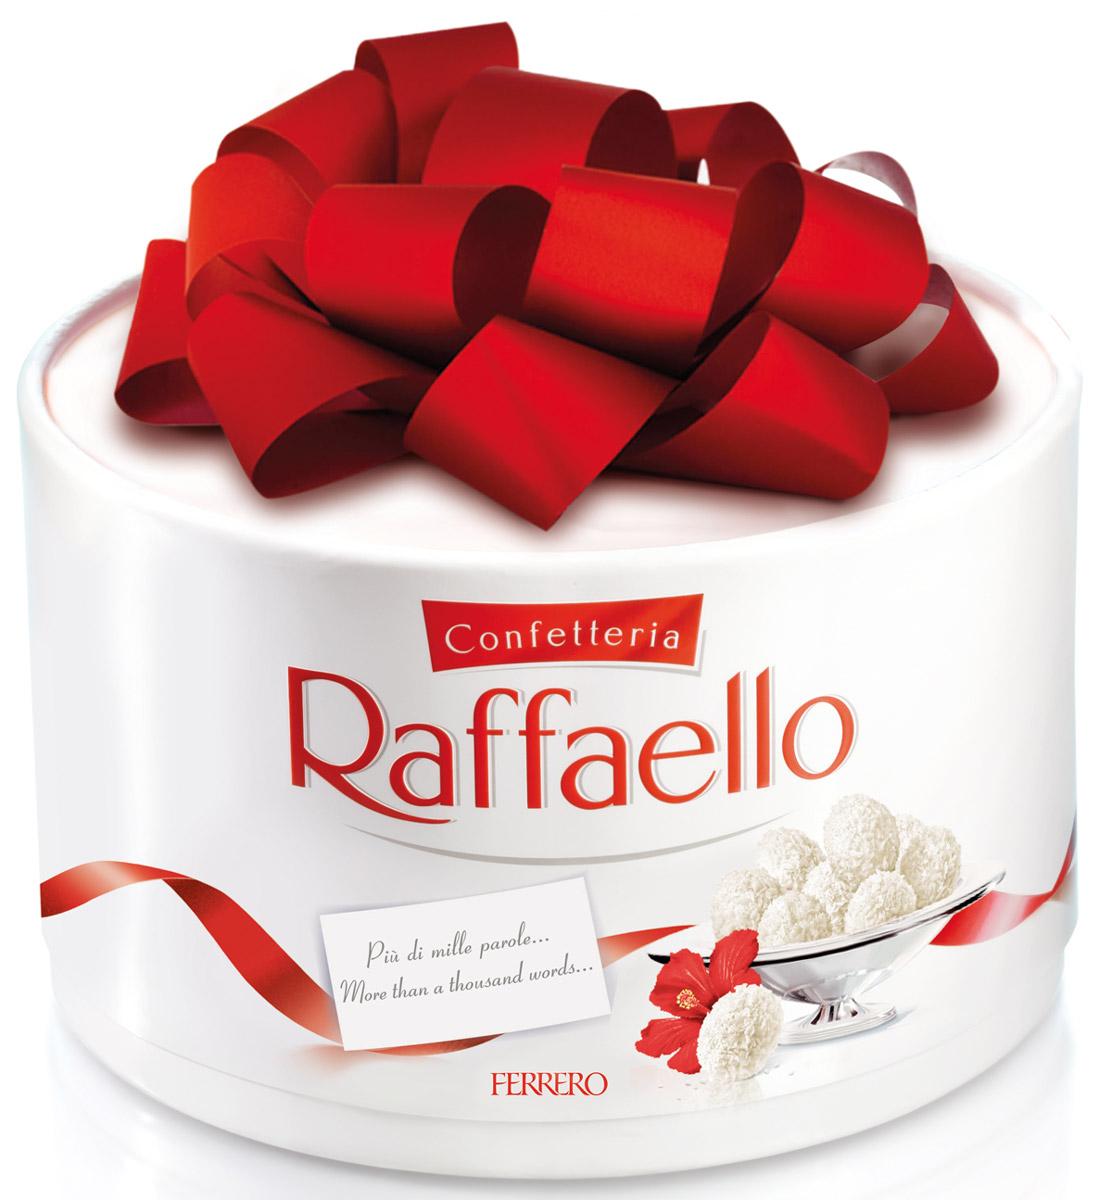 Raffaello конфеты с цельным миндальным орехом в кокосовой обсыпке, 100 г0120710Raffaello — это цельный миндальный орех и нежнейший молочный крем в хрустящей вафельной оболочке, покрытой кокосовыми хлопьями. Романтический подарок, который поможет вам выразить свои чувства!Самые известные и любимые конфеты в России, уже ставшие неотъемлемой частью жизни российских потребителей. Такой успех стал возможным благодаря множеству факторов, но прежде всего — благодаря уникальному сочетанию неповторимого вкуса, изысканной белоснежной упаковки и, конечно, романтического имиджа.